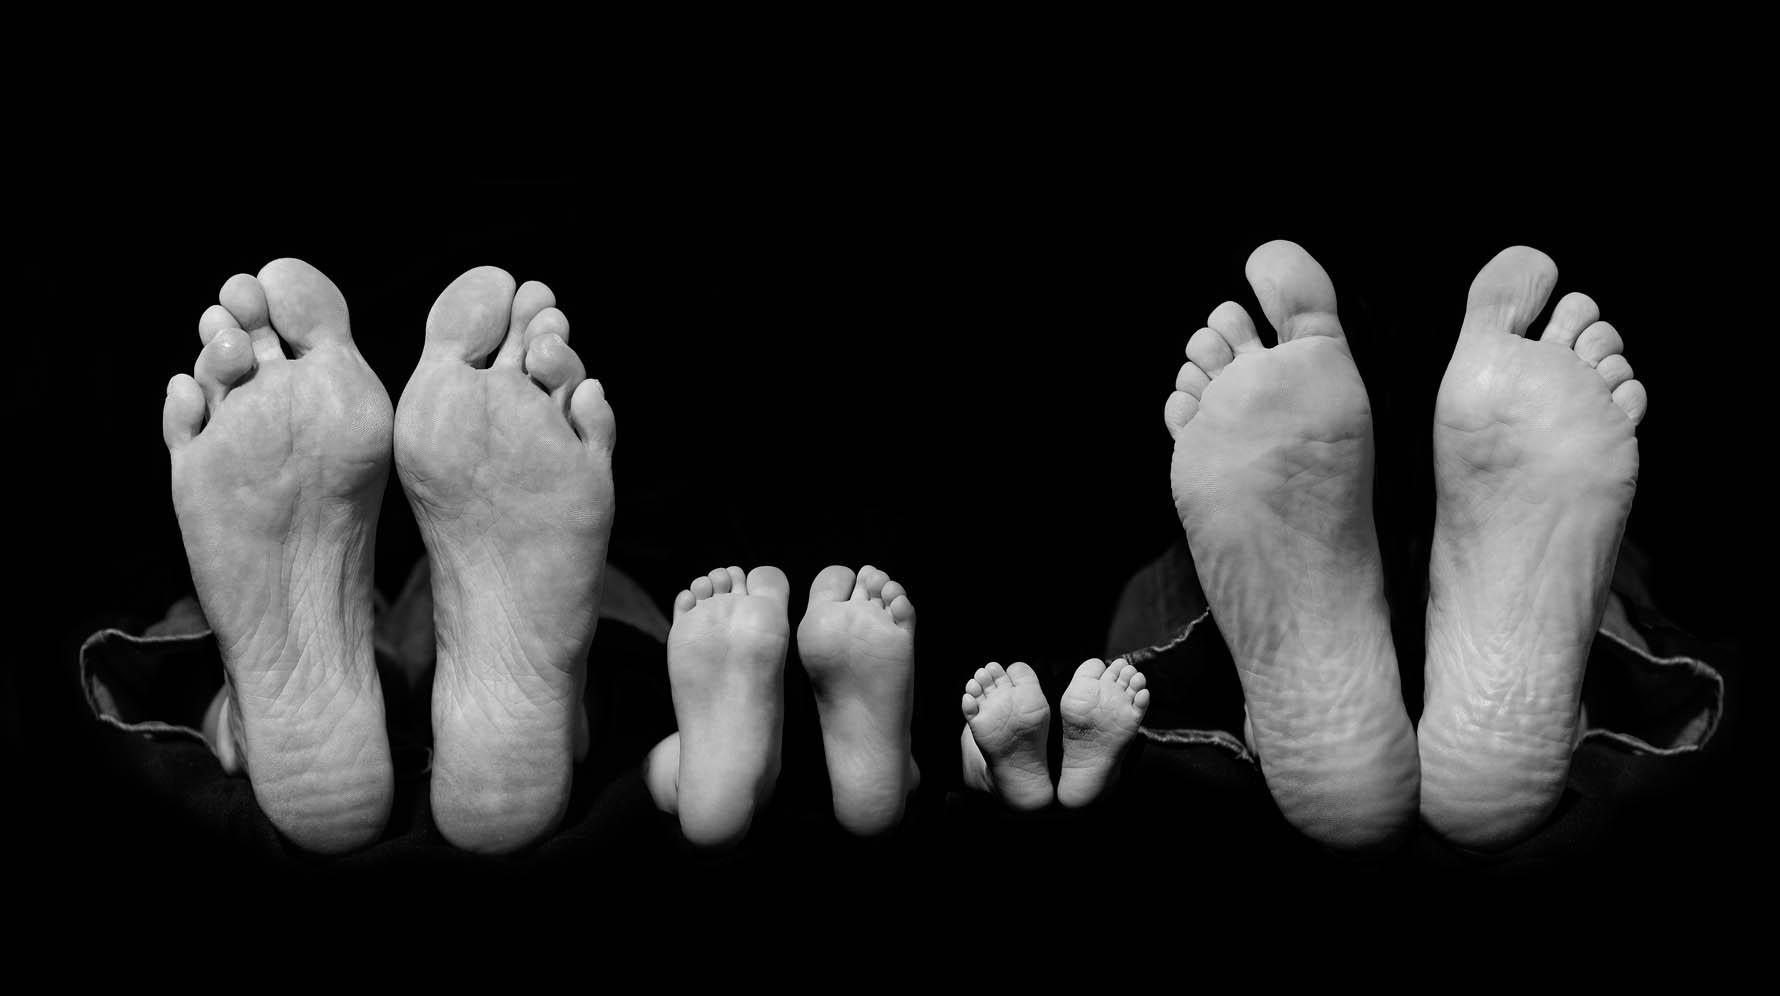 feet comp smaller russ feet bw.jpg